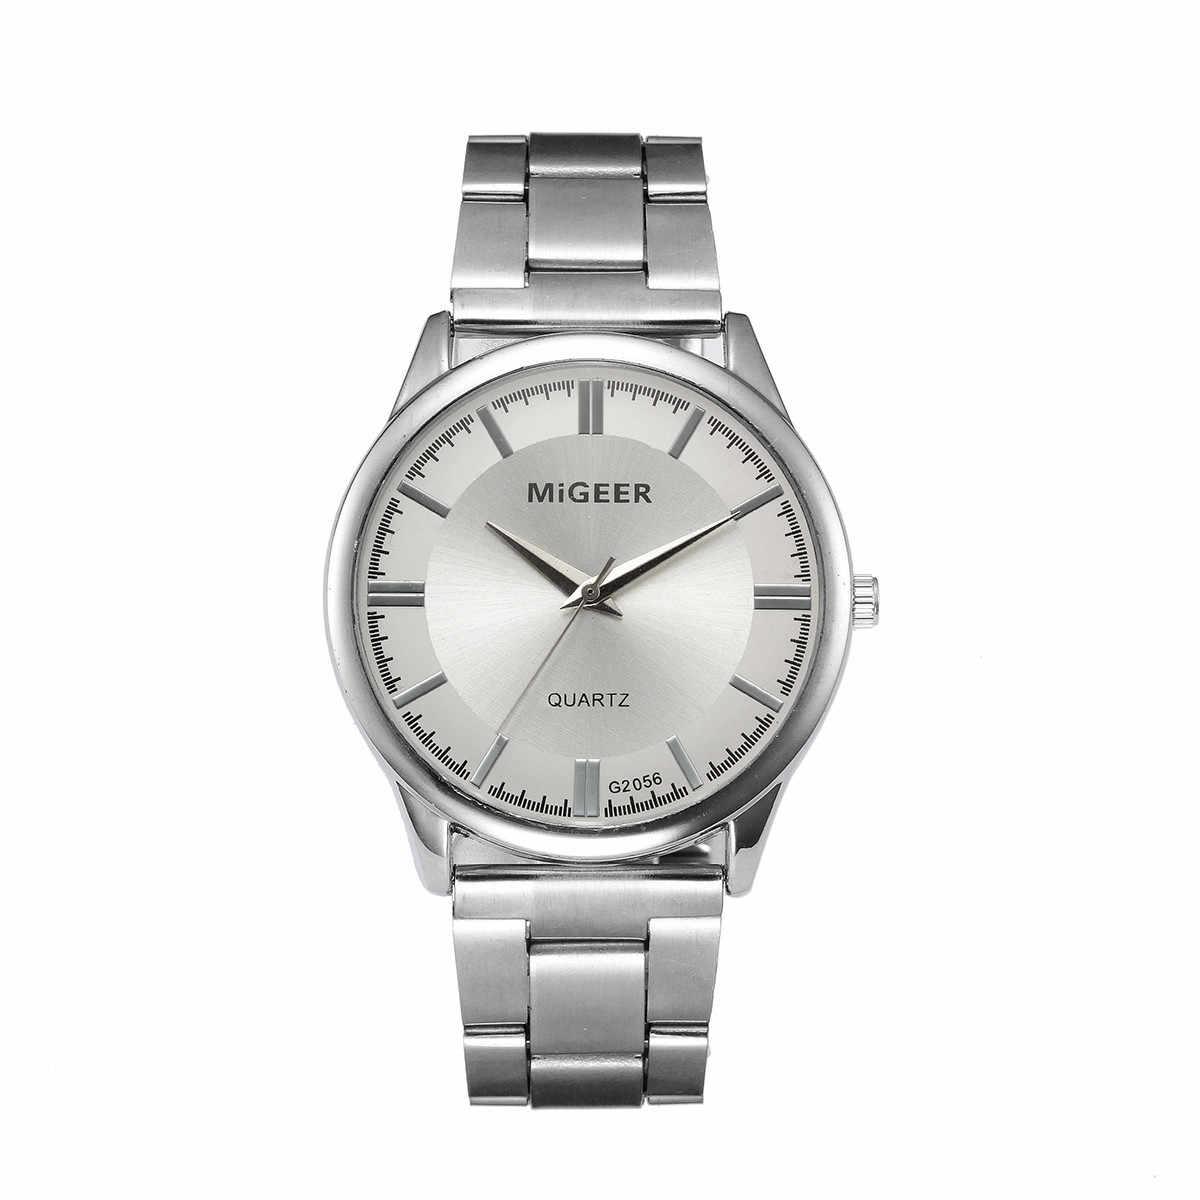 MIGEER นาฬิกาคริสตัลแฟชั่นสแตนเลสนาฬิกาควอตซ์ชายนาฬิกาผู้ชายควอตซ์นาฬิกาข้อมือบุรุษ